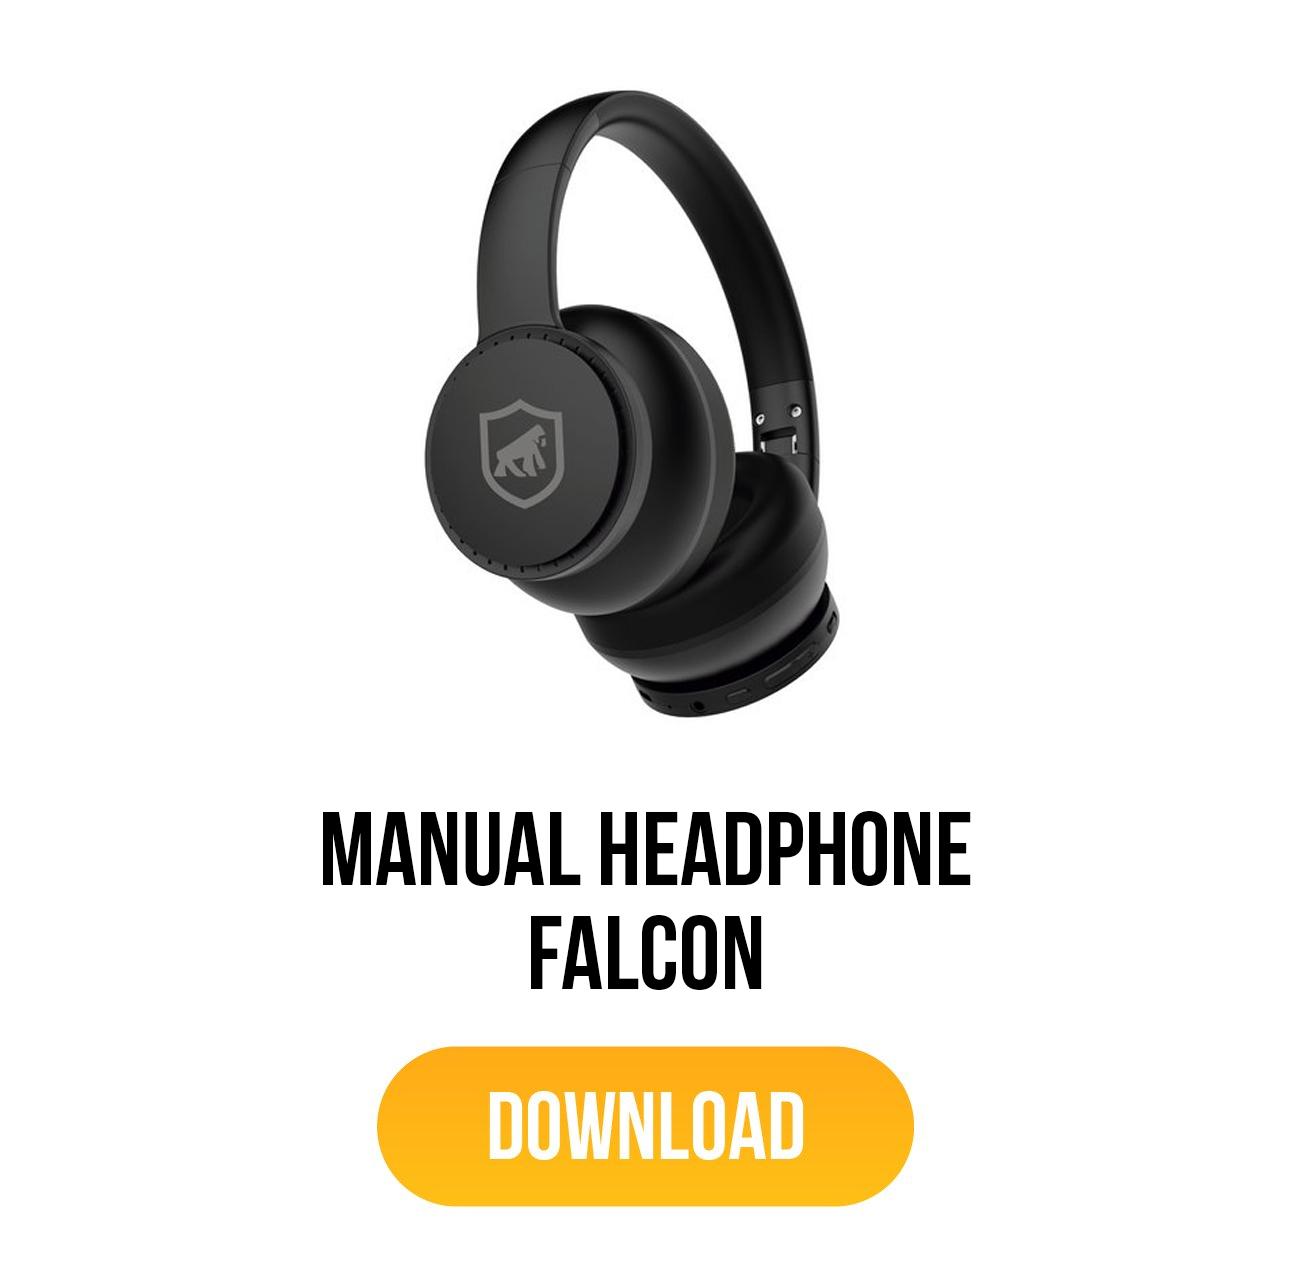 manual para headphone falcon